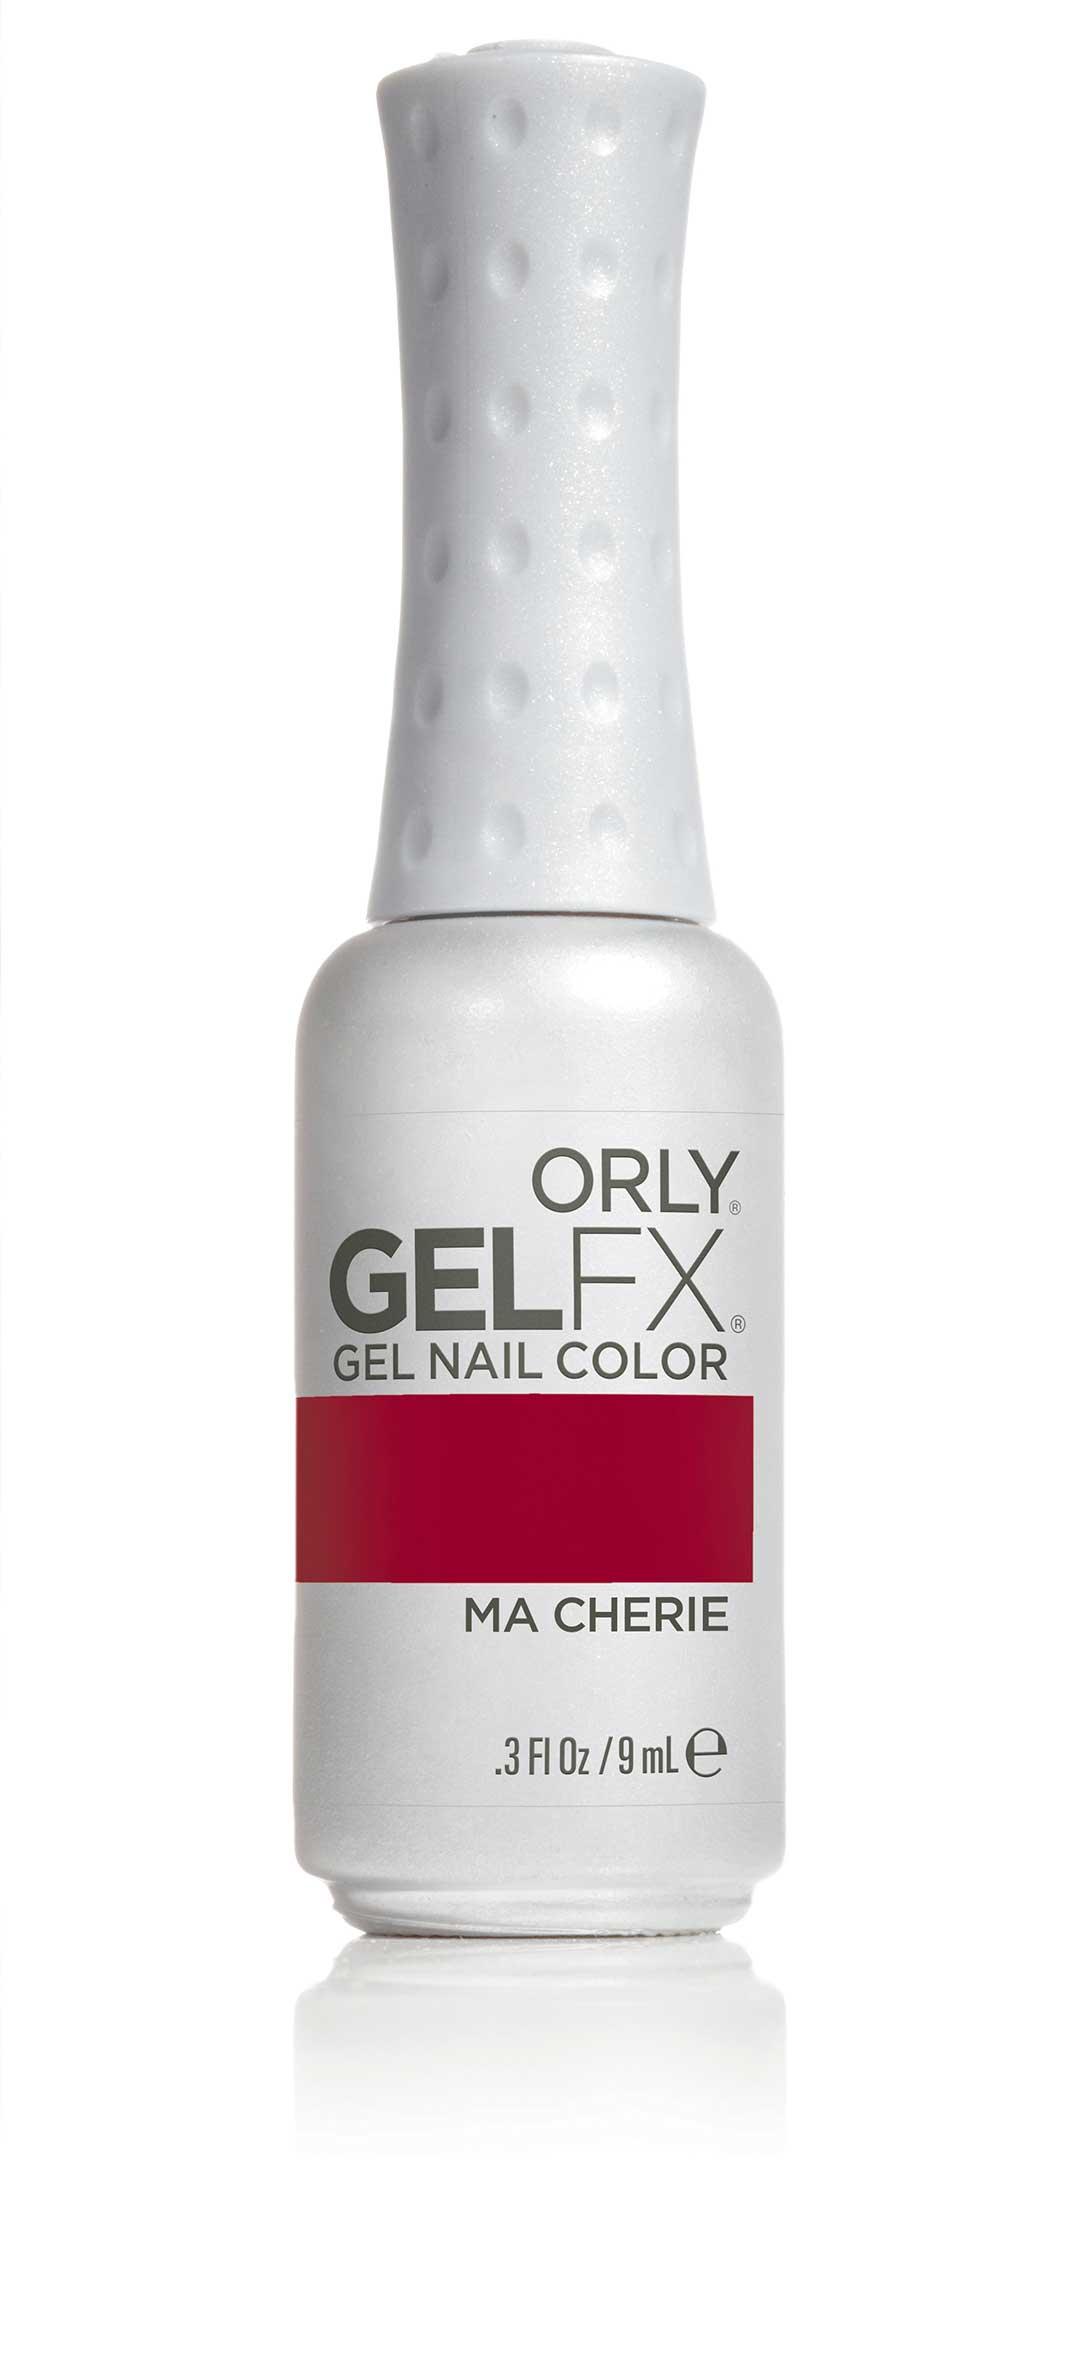 ORLY Гель-лак 25 MA CHERIE / GEL FX 9млГель-лаки<br>Цветные покрытия гель-лака GELFX – это широкая палитра, разнообразие цветов, яркие чистые оттенки. Гель-маникюр GELFX обеспечивает ногтям идеальное покрытие, дополнительное питание и уход. Он просто наносится, легко и безопасно снимается. Состав: Di-HEMA триметилгексил дикарбомат, HEMA, гидроксипропил метакрилат, полиэтилен гликоль 400 диметакрилат, этилацетат, бутилацетат, изопропил, триметилбензоил дифенилфосфин оксид, гидроксициклогексил фенил кетон. Способ применения: нанесите два тонких слоя выбранного цветного покрытия GELFX Nail Lacquer, запечатайте торец и полимеризуете каждый слой в лампе LED 480 FX в течение 30 секунд. Идеальный гель-маникюр возможен только при условии использования всех препаратов и аксессуаров системы GELFX от ORLY.<br><br>Цвет: Красные<br>Пол: Женский<br>Класс косметики: Универсальная<br>Виды лака: Глянцевые